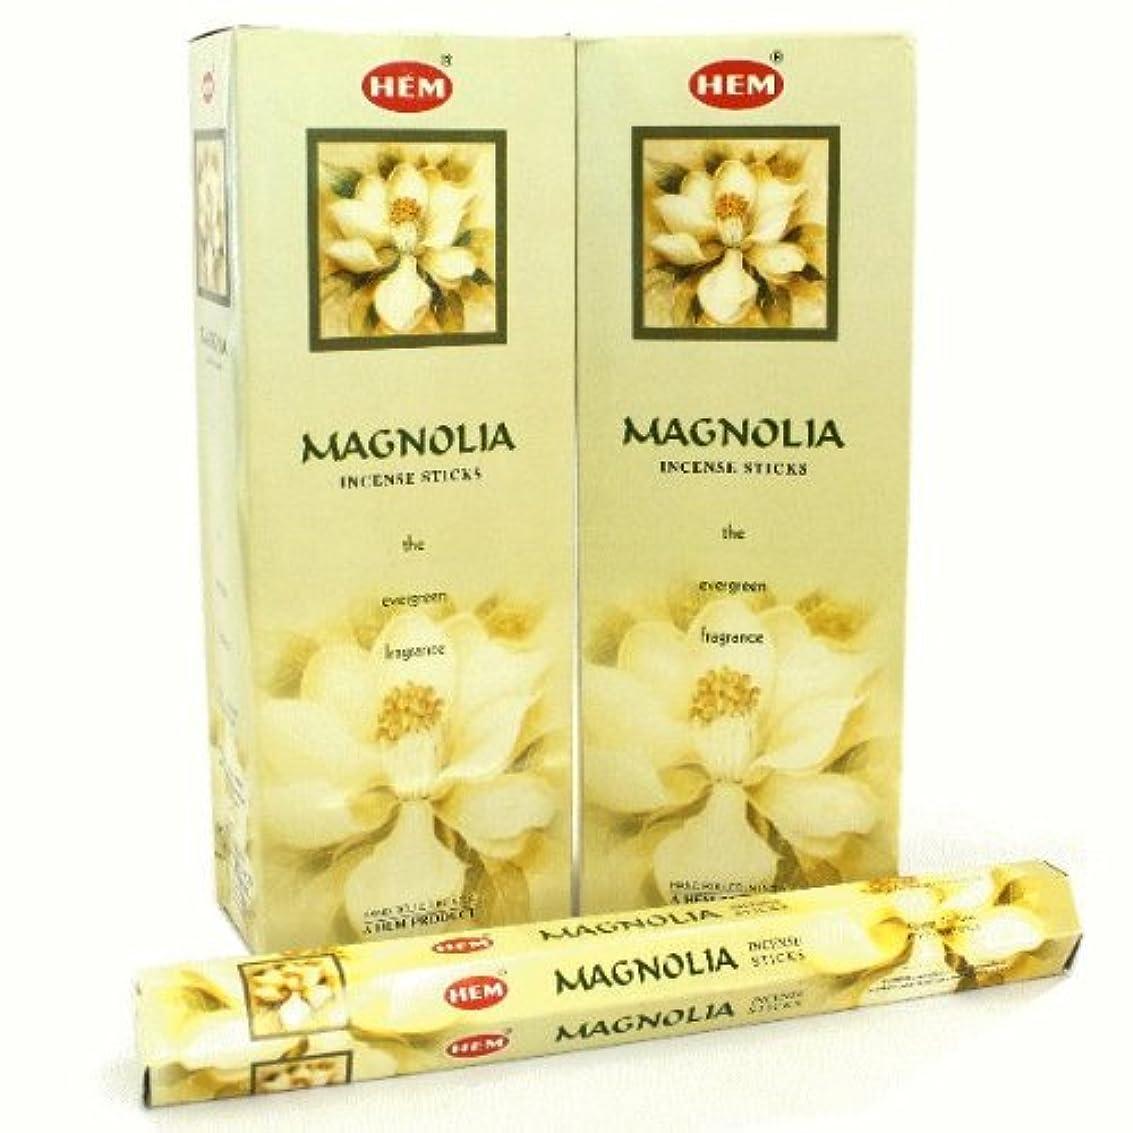 最近番目受け取るHEM マグノリア香 スティック ヘキサパック(六角) 12箱セット HEM MAGNOLIA